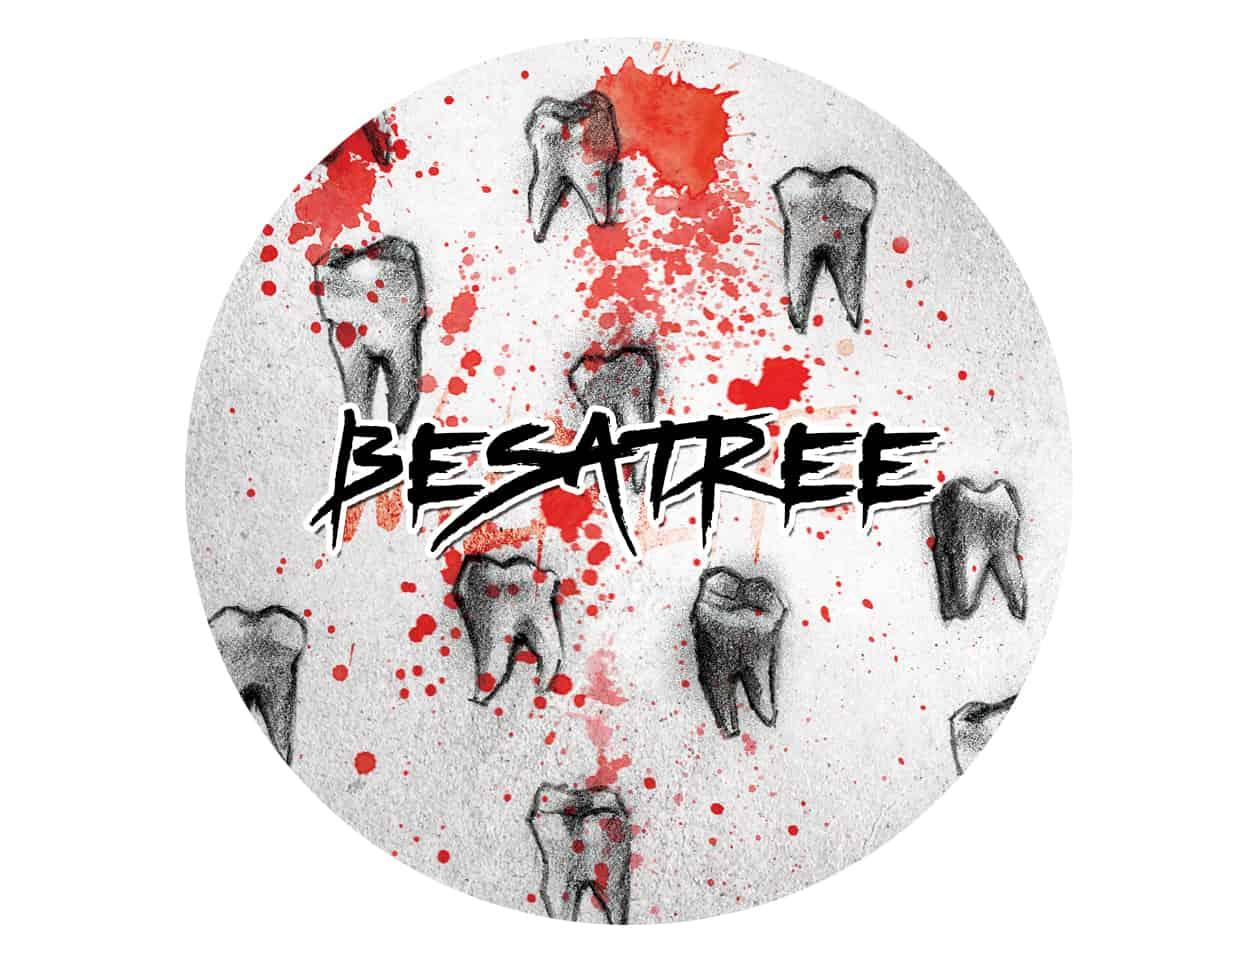 besatree - wildlife - button design